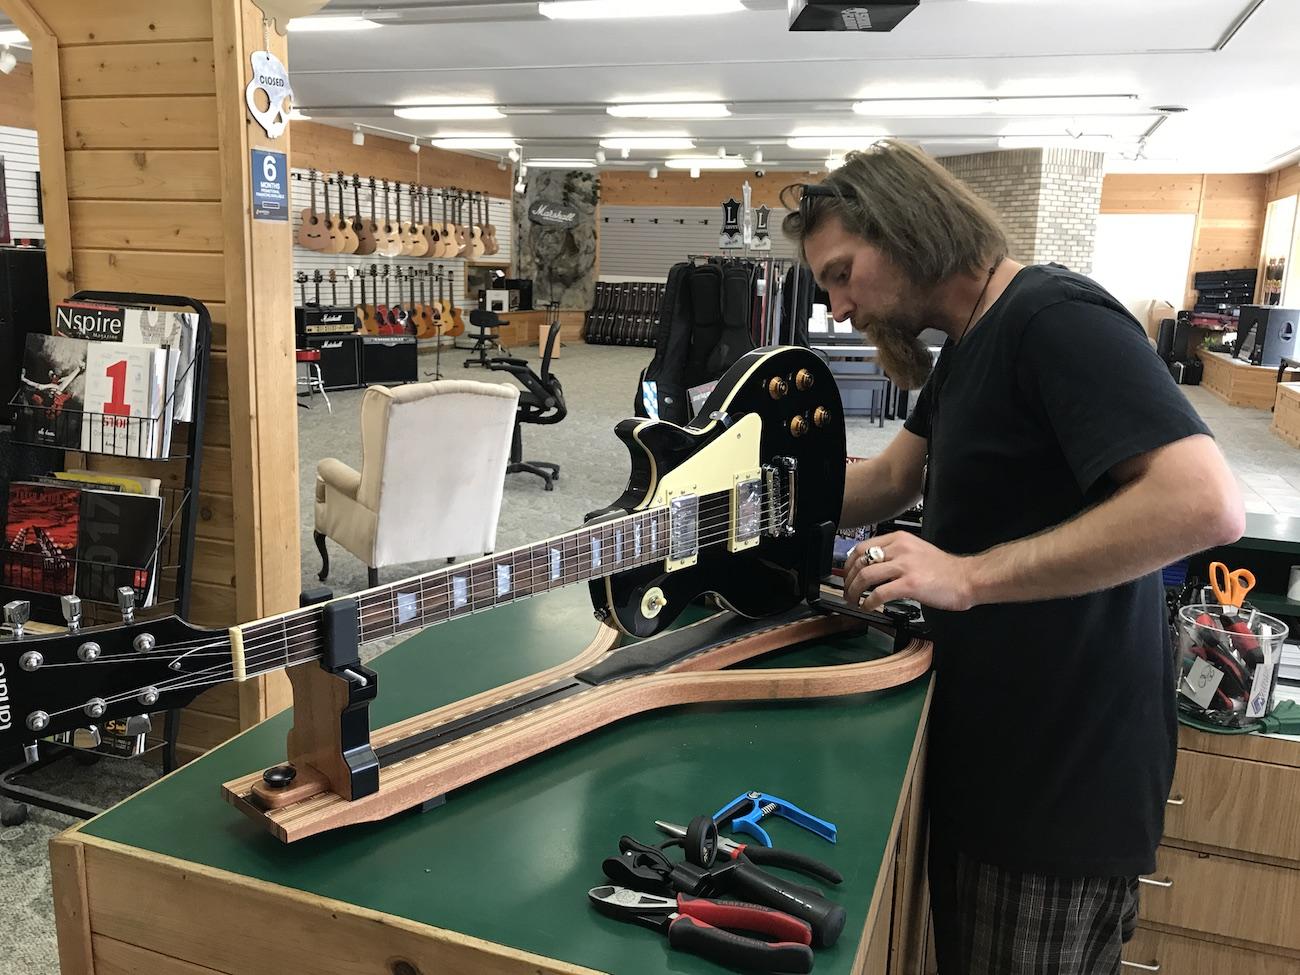 Personal Guitar Workshop Guitar Workstation